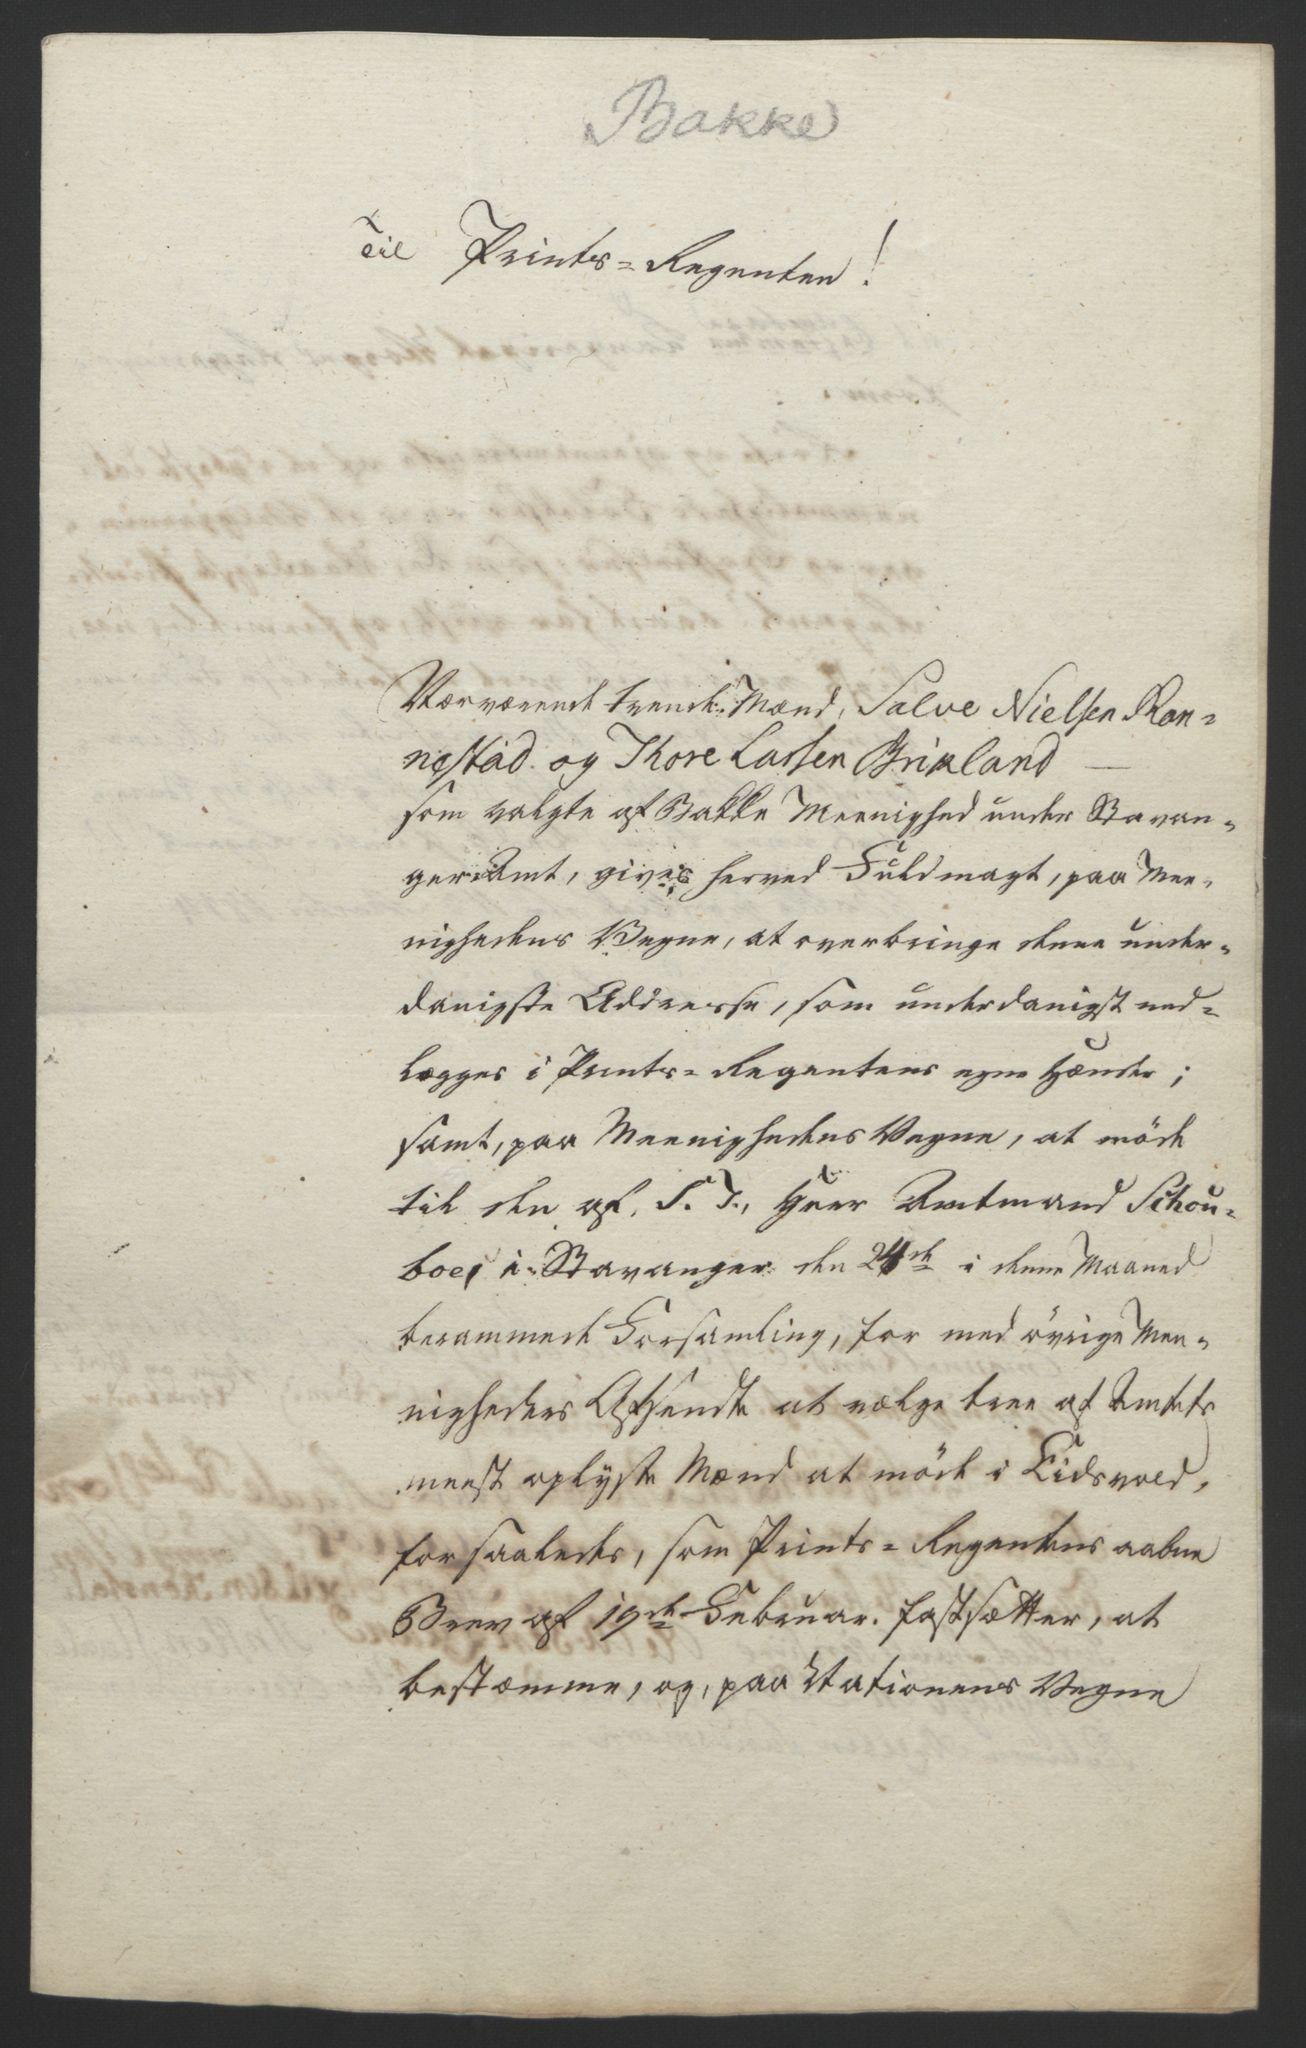 RA, Statsrådssekretariatet, D/Db/L0008: Fullmakter for Eidsvollsrepresentantene i 1814. , 1814, s. 206